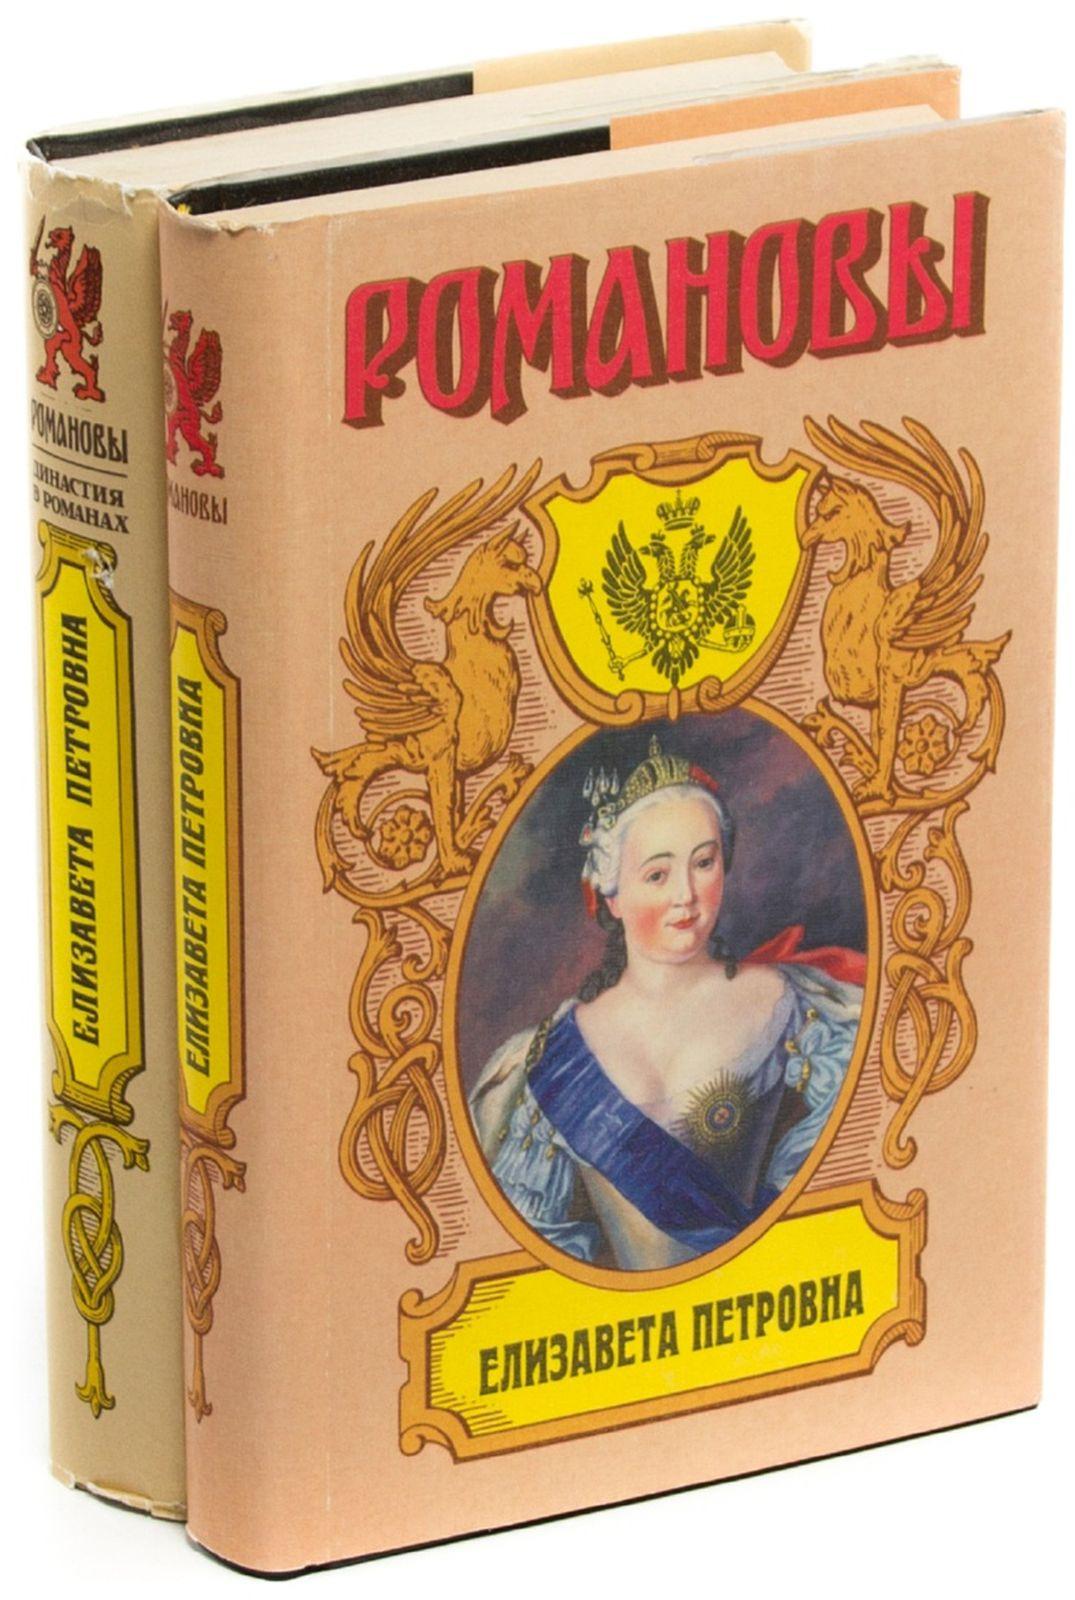 Елизавета Петровна. Романовы. Династия в романах (комплект из 2 книг) стоимость